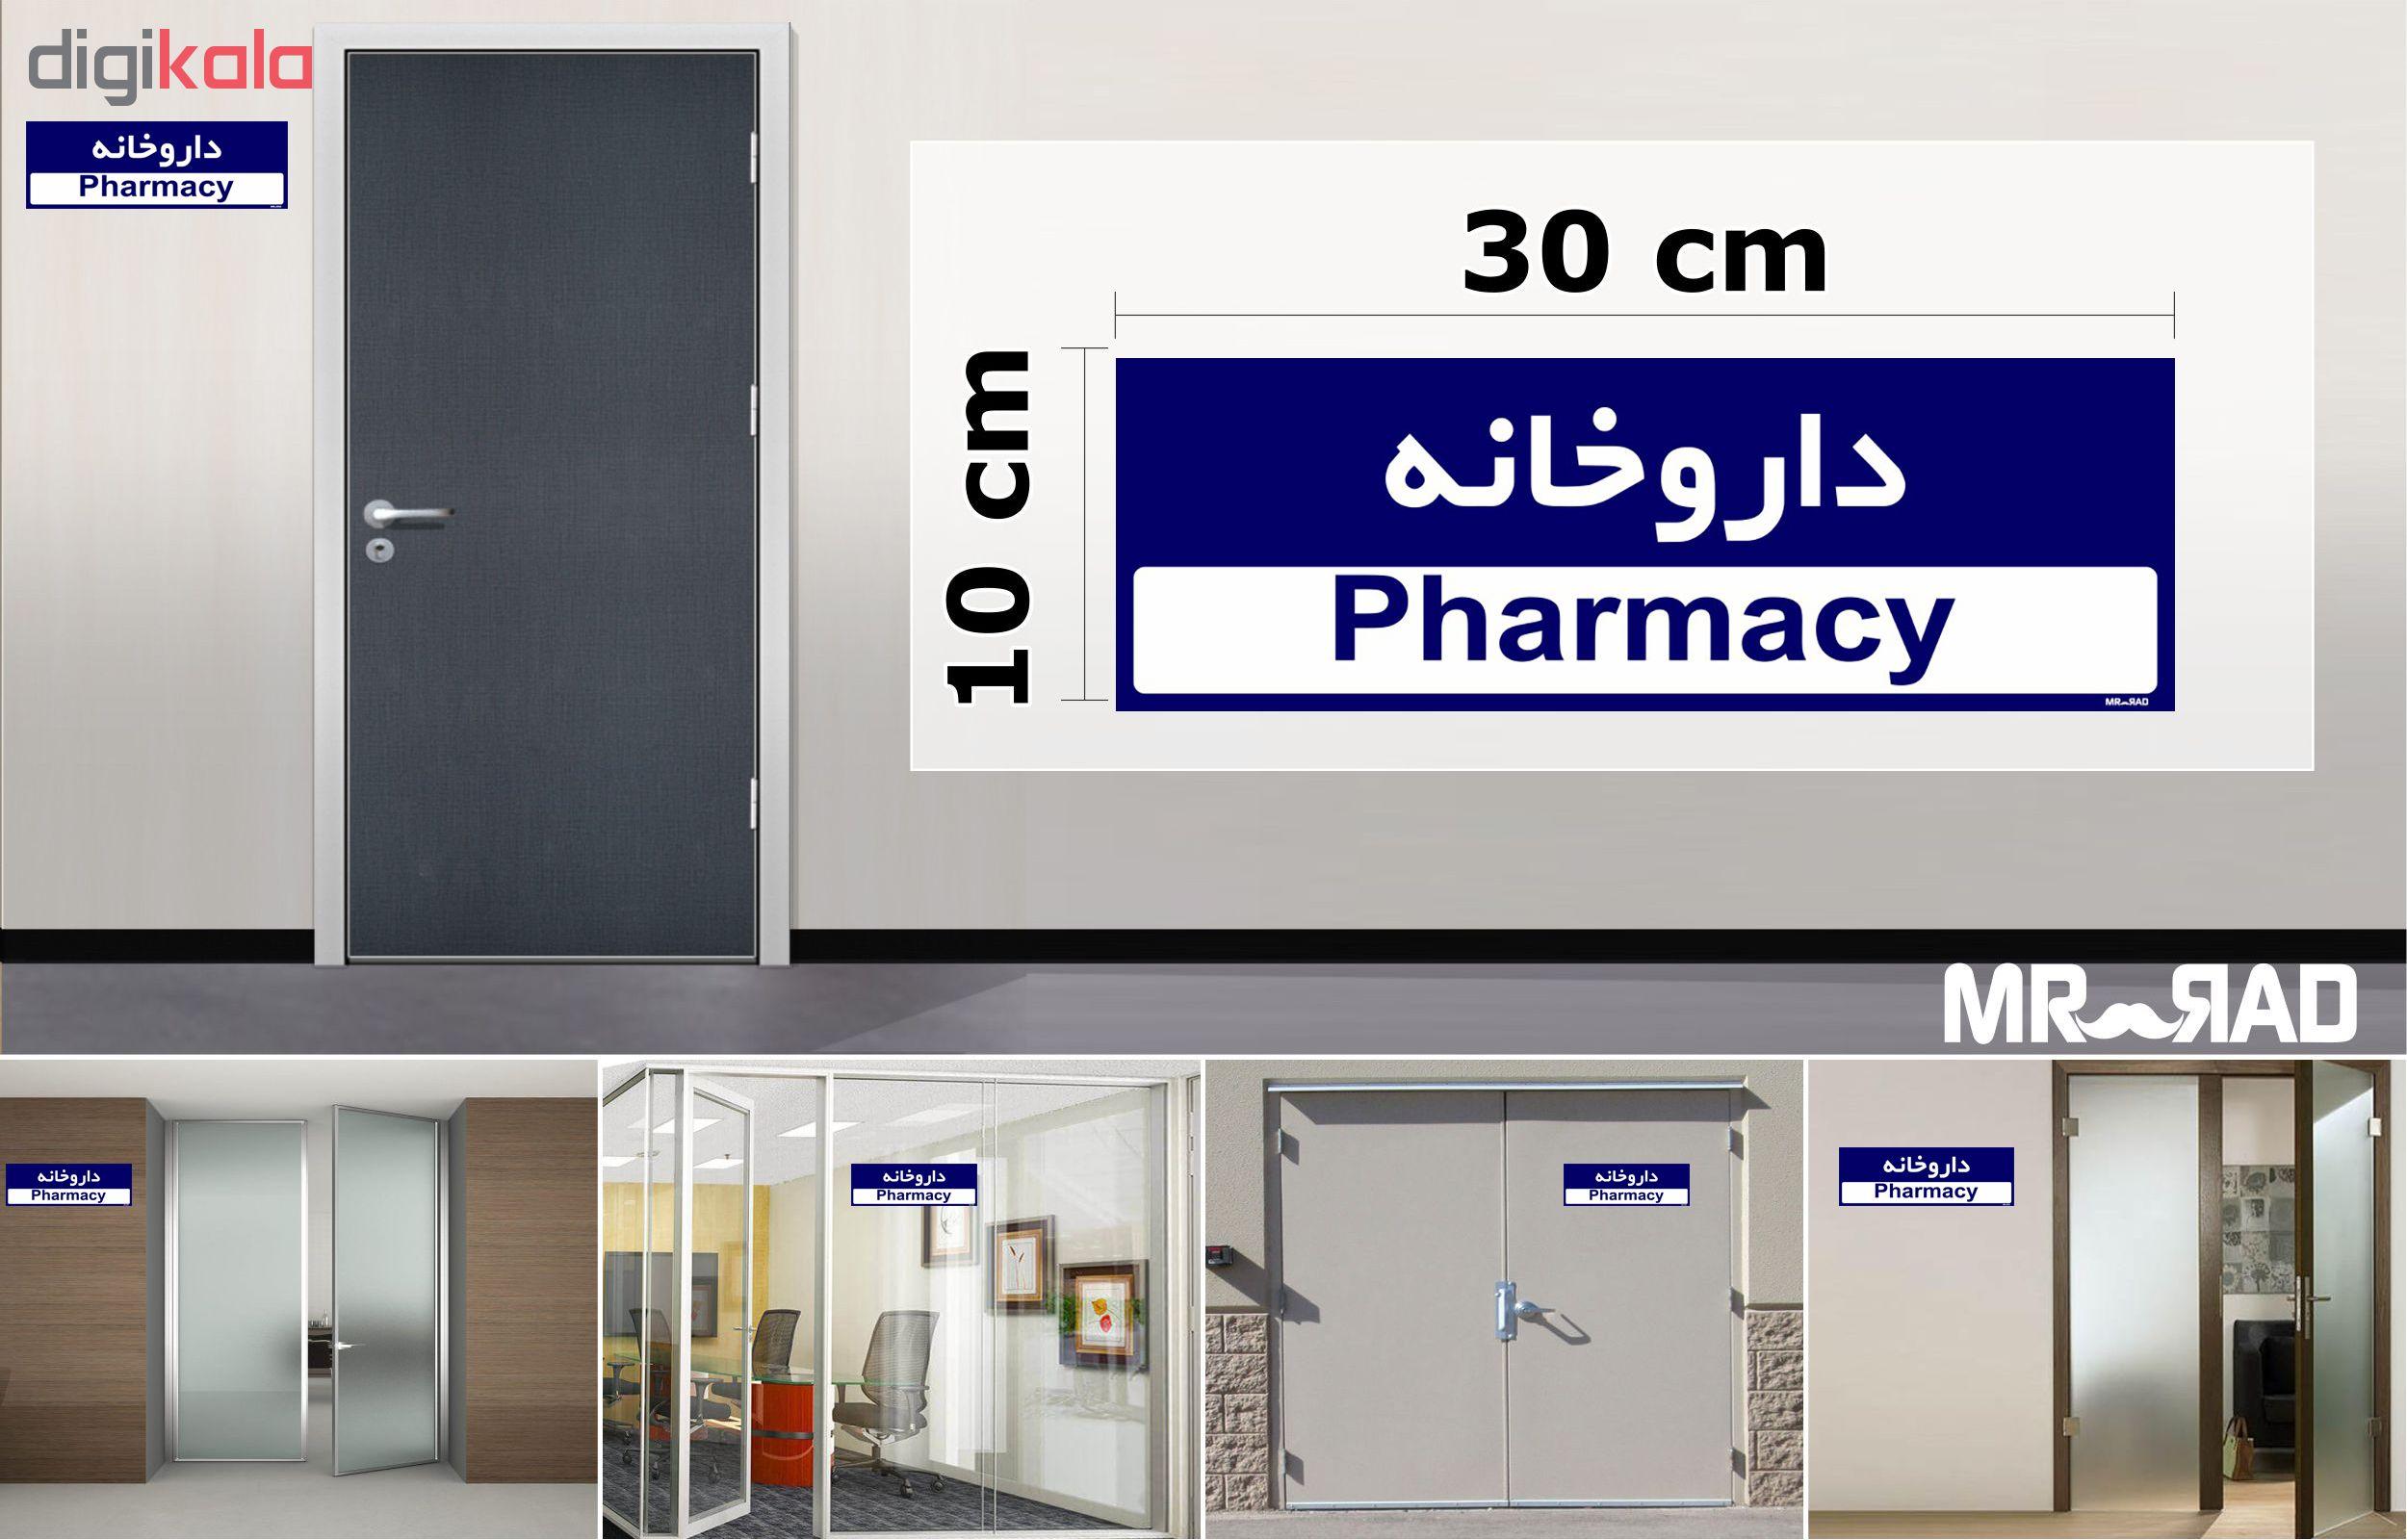 تابلو راهنمای اتاق FG طرح داروخانه کدTHO0465